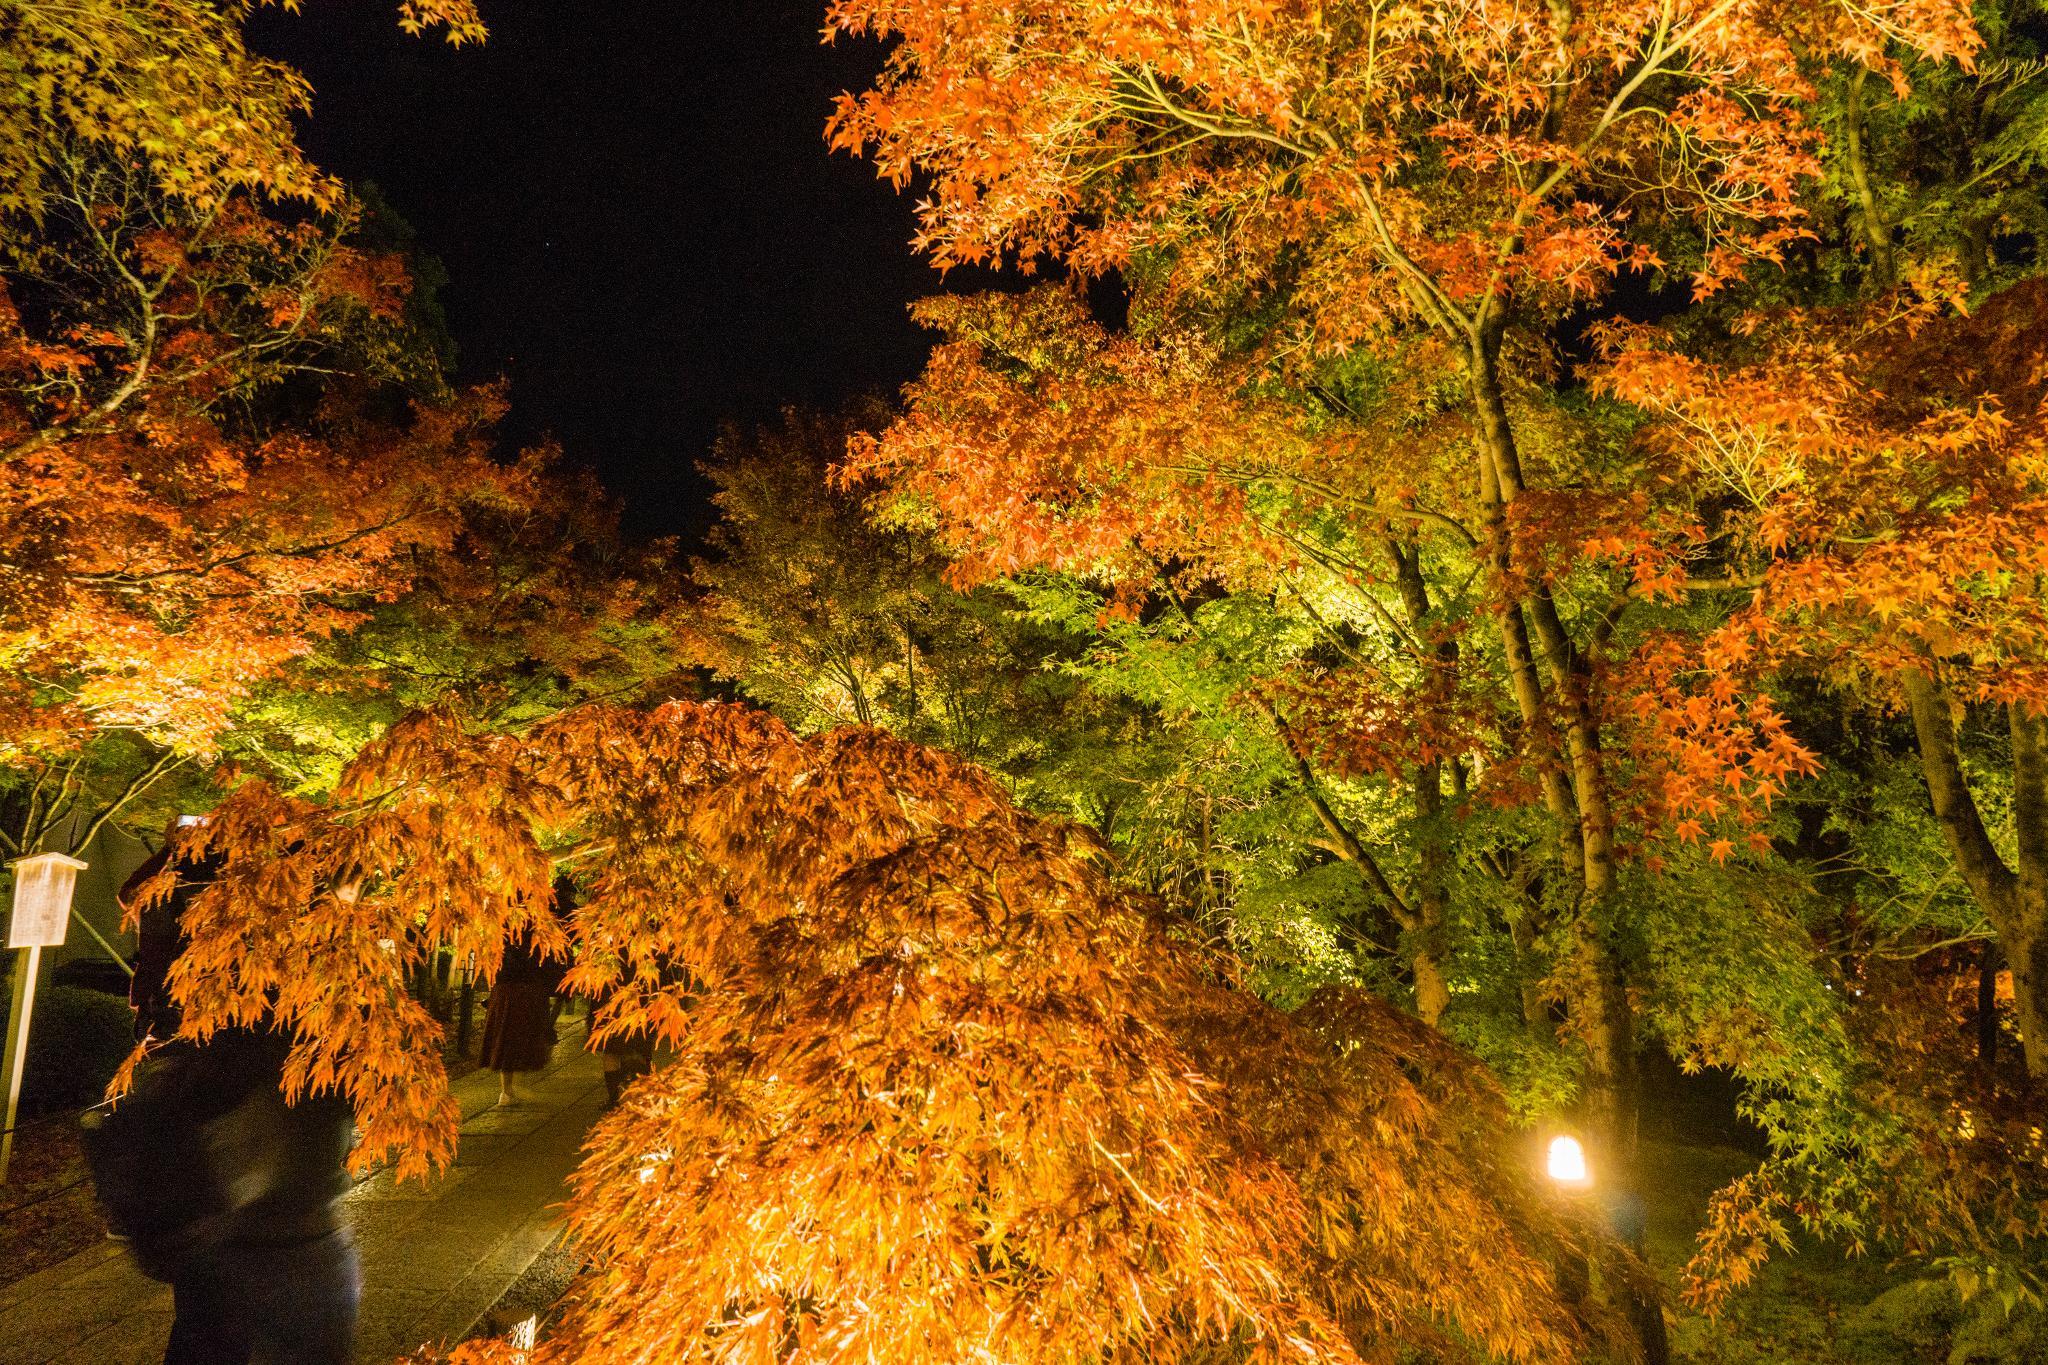 【京都】此生必來的紅葉狩絕景 - 永觀堂夜楓 131